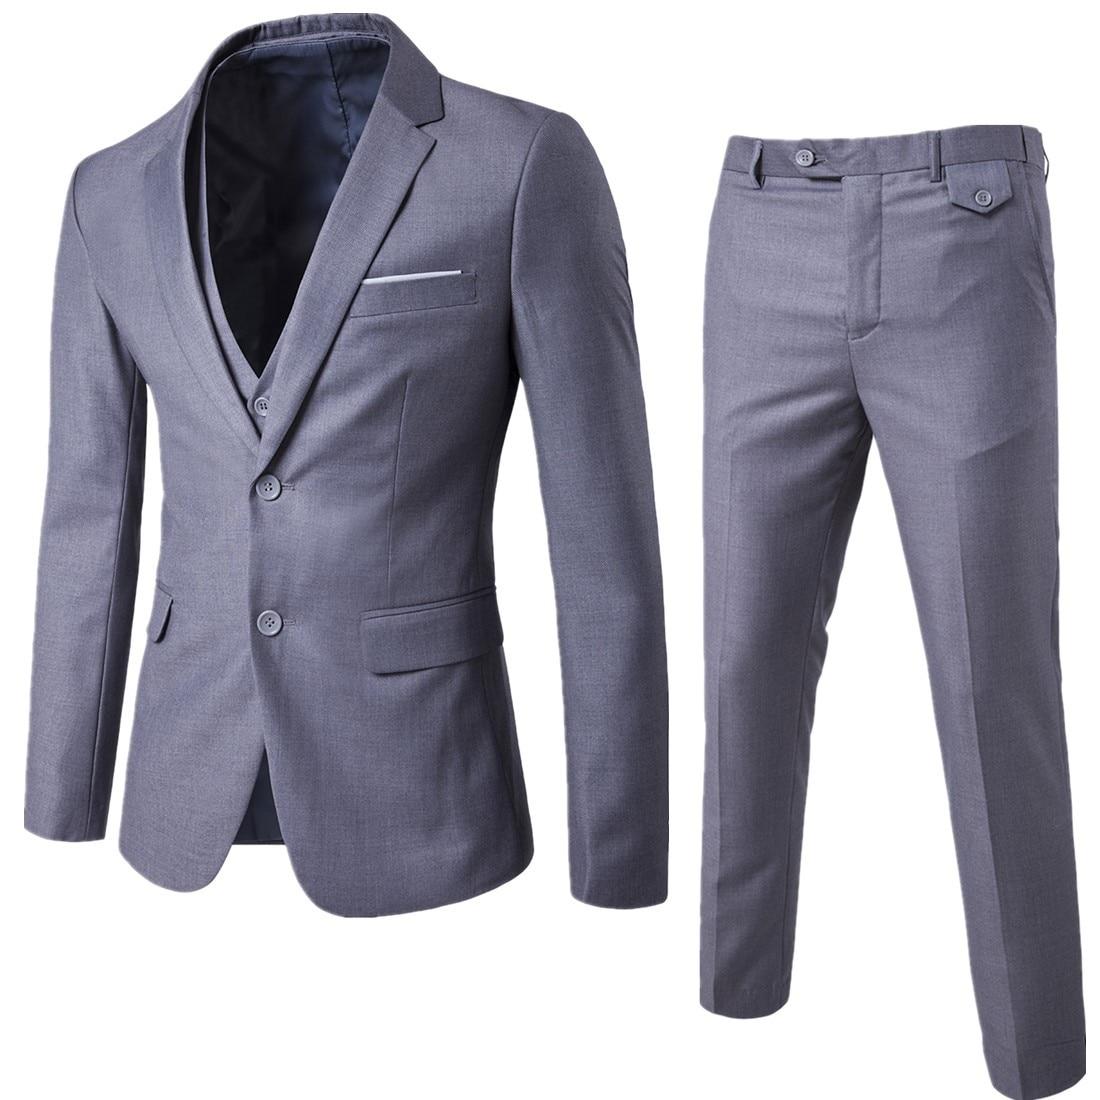 Пиджаки Штаны жилет комплект/2019 Для мужчин модные три Костюм из нескольких предметов комплекты/мужской деловой Повседневный пиджак, куртка...